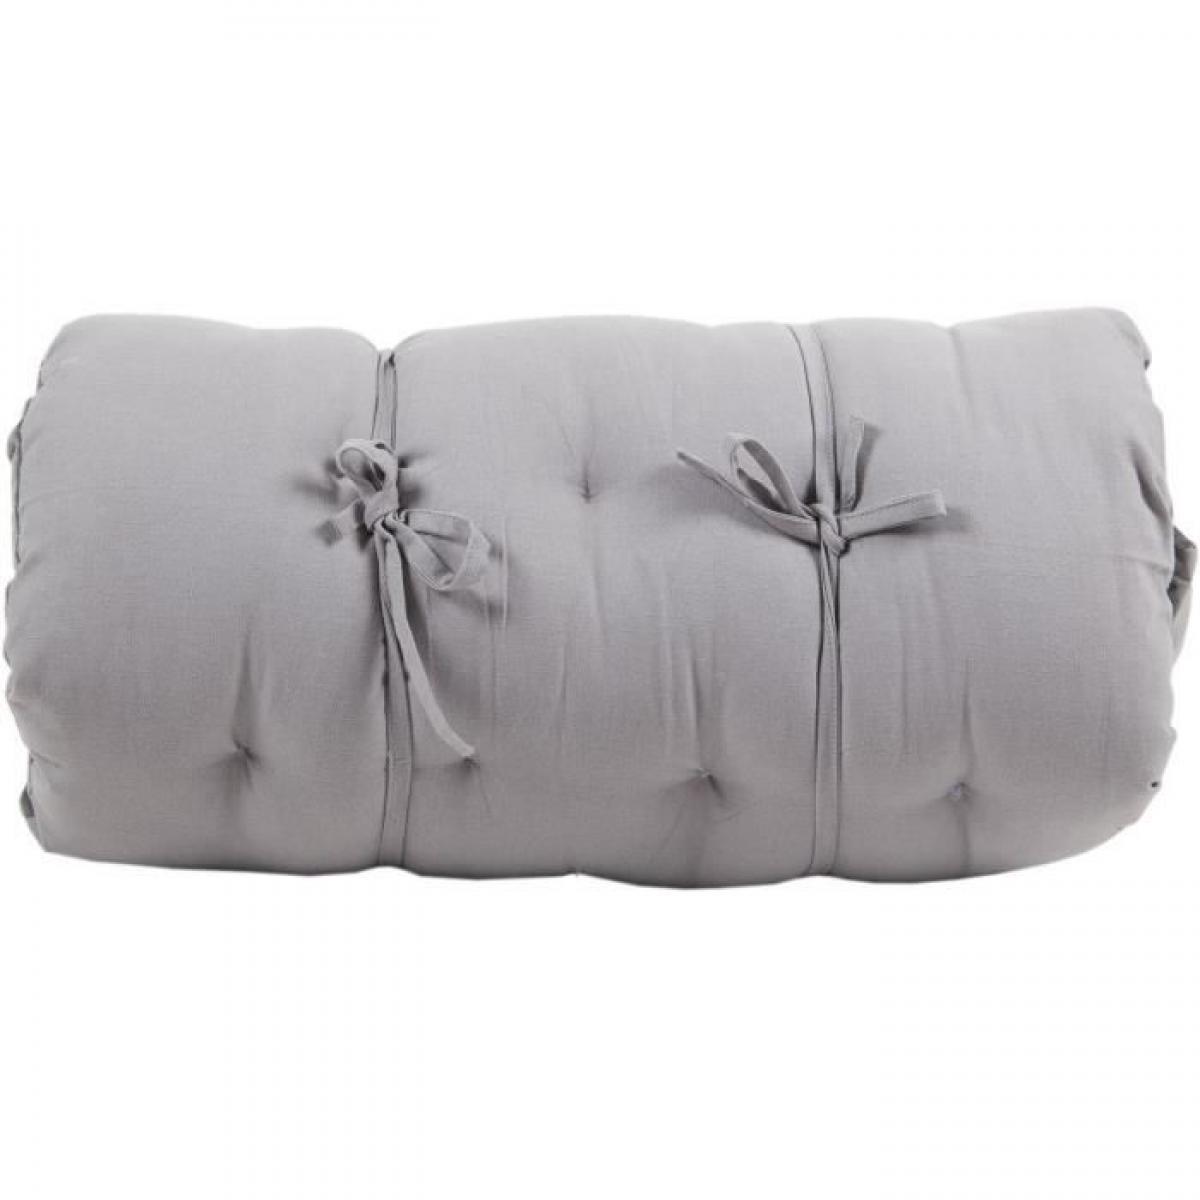 Cotton Wood Futon Coton velours - 60x120x5 cm - Gris clair et anthracite